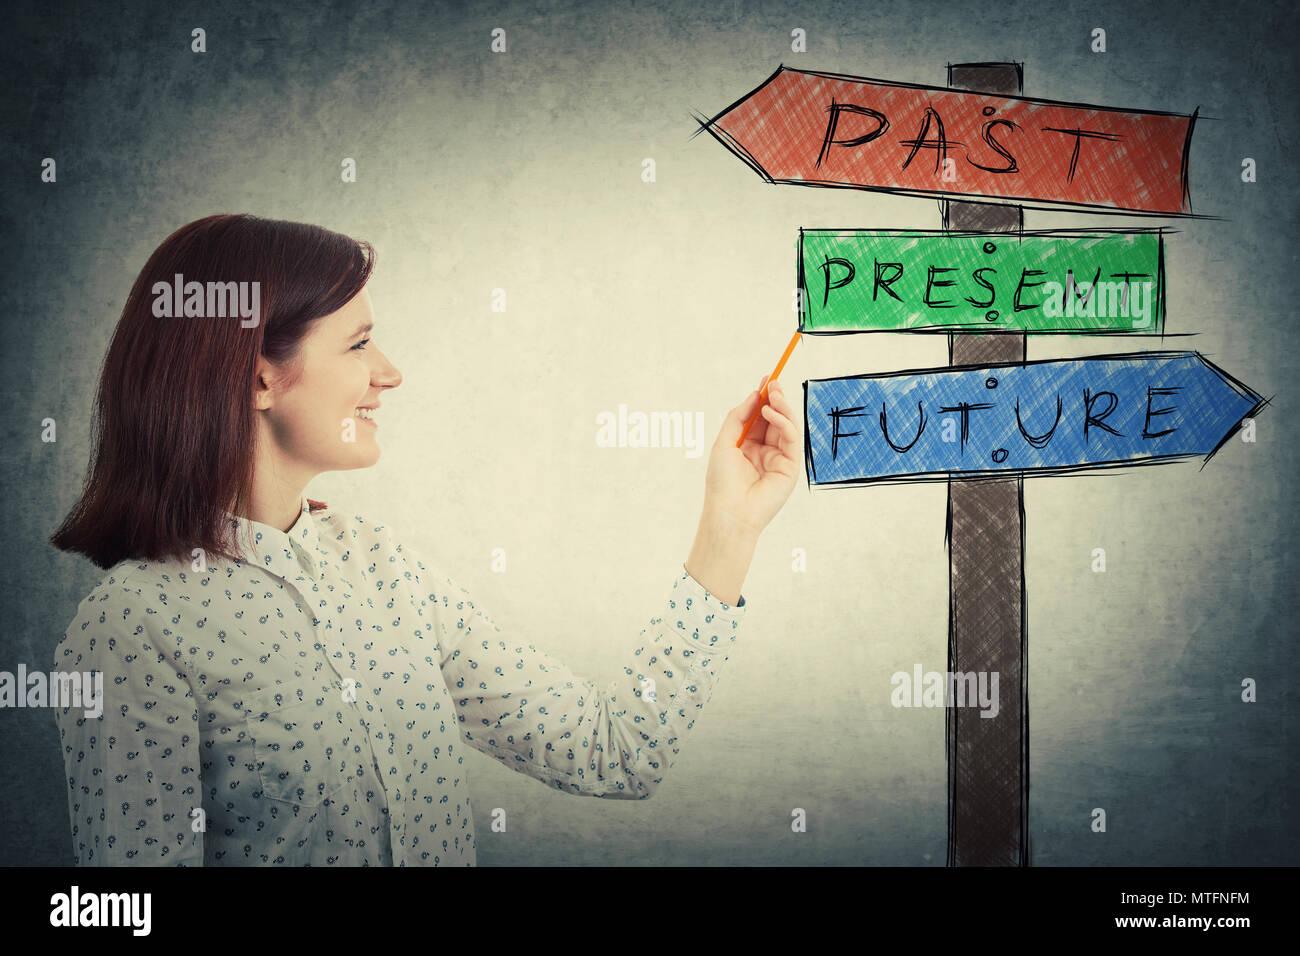 Lächelnden jungen Geschäftsfrau Zeichnung ein Wegweiser mit Pfeilen, die Vergangenheit, die Gegenwart und die Zukunft zeigt. In der Zeit bunte Schild verloren, destiny Evolution con Stockbild